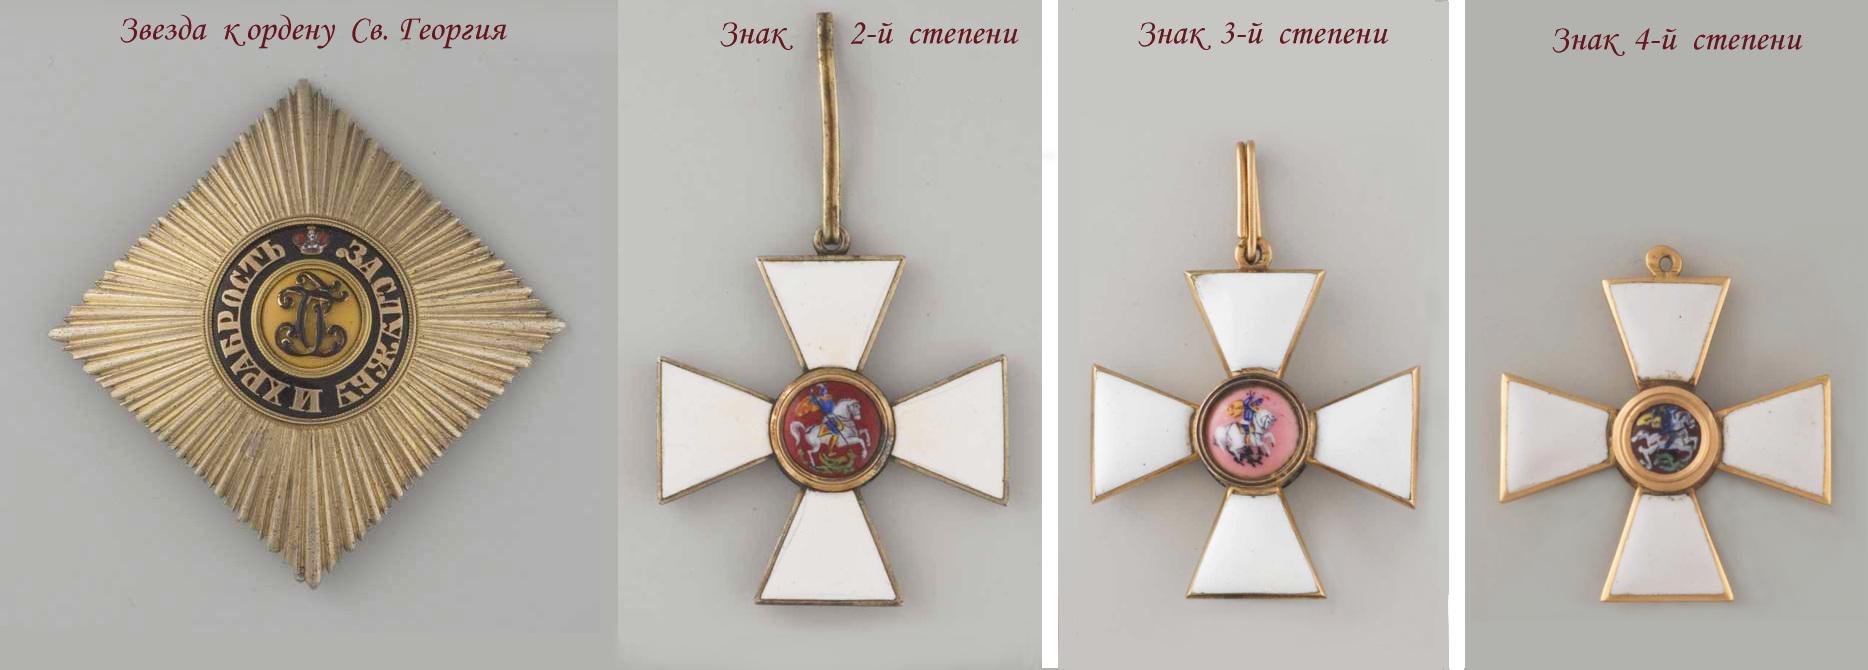 Орден святого георгия солнце и луна